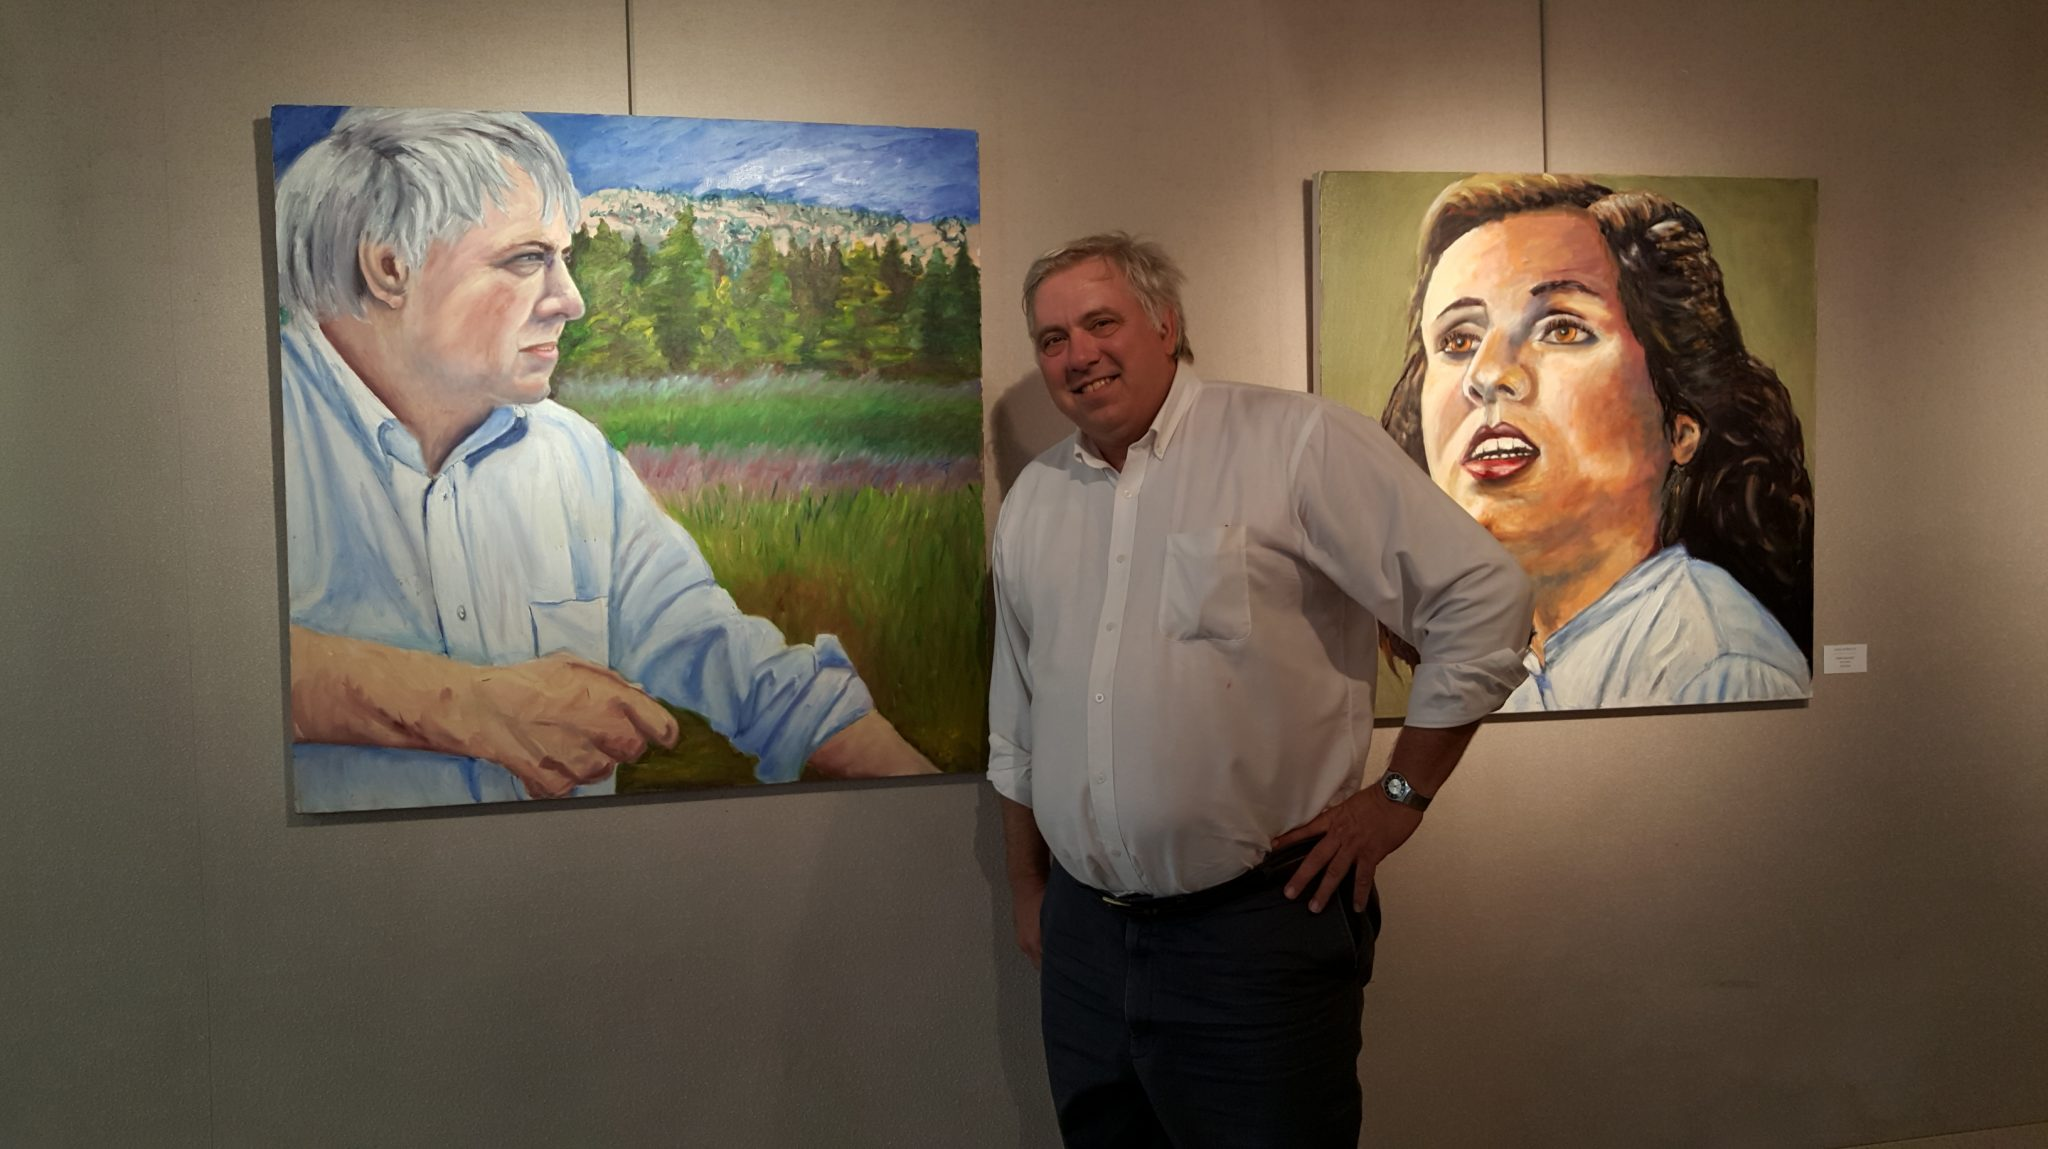 2015 Garden Pier Art Gallery Opening Reception - Artist, Robert Edelhauser